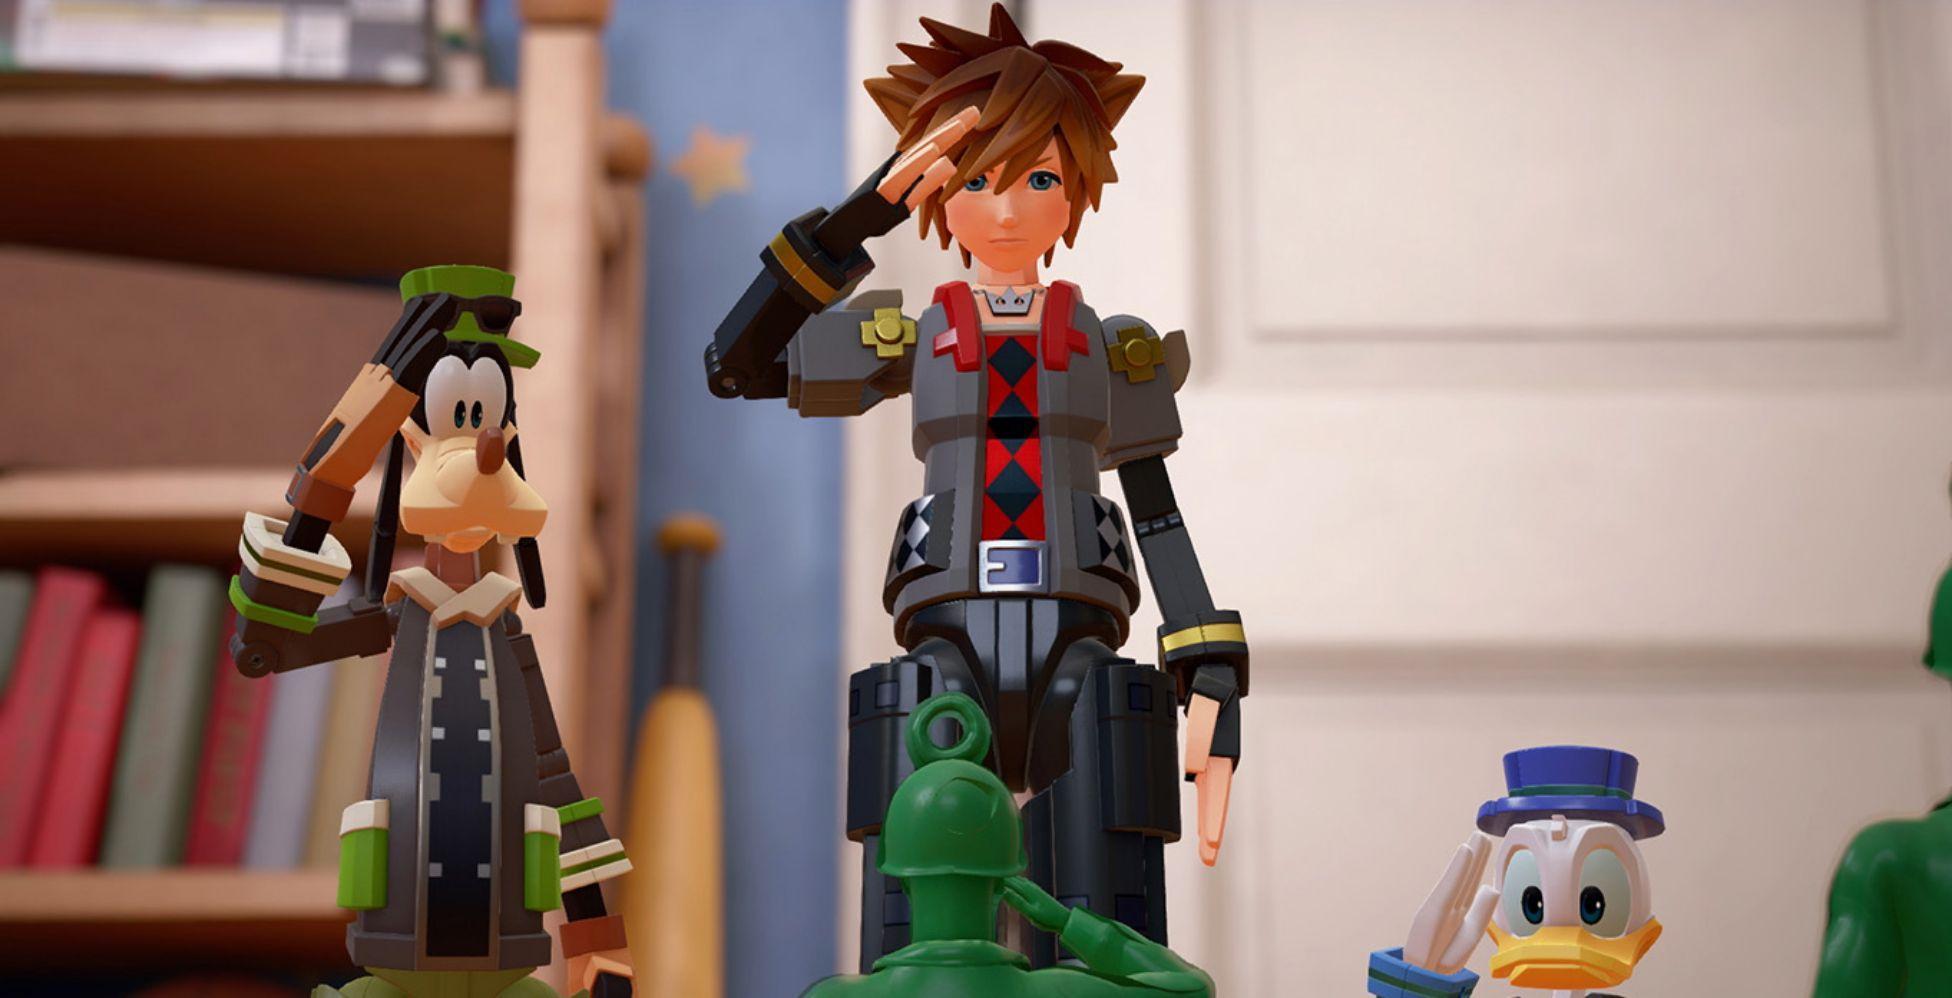 Provato Kingdom Hearts III: il destino non è mai lasciato al caso